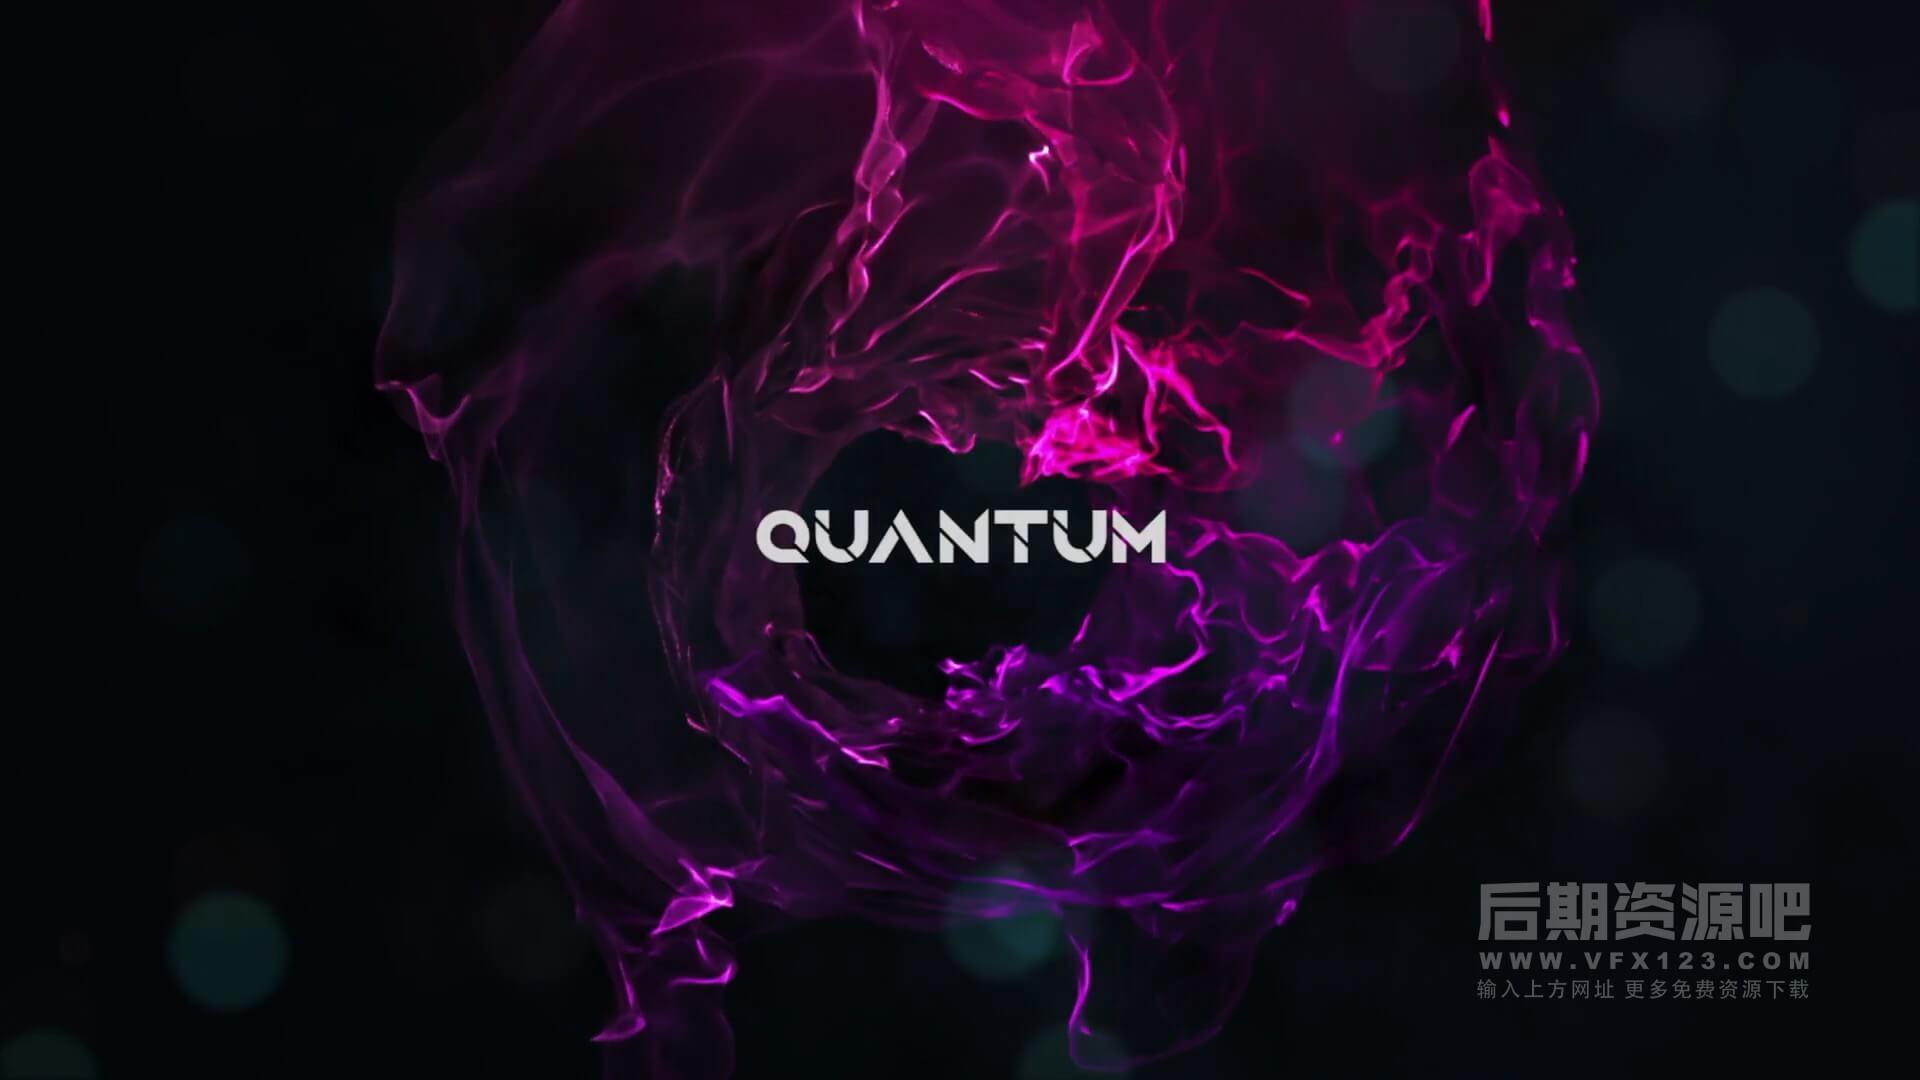 音效素材 600个7大类电影预告片音效集合 Quantum Trailer Sound Effects Library